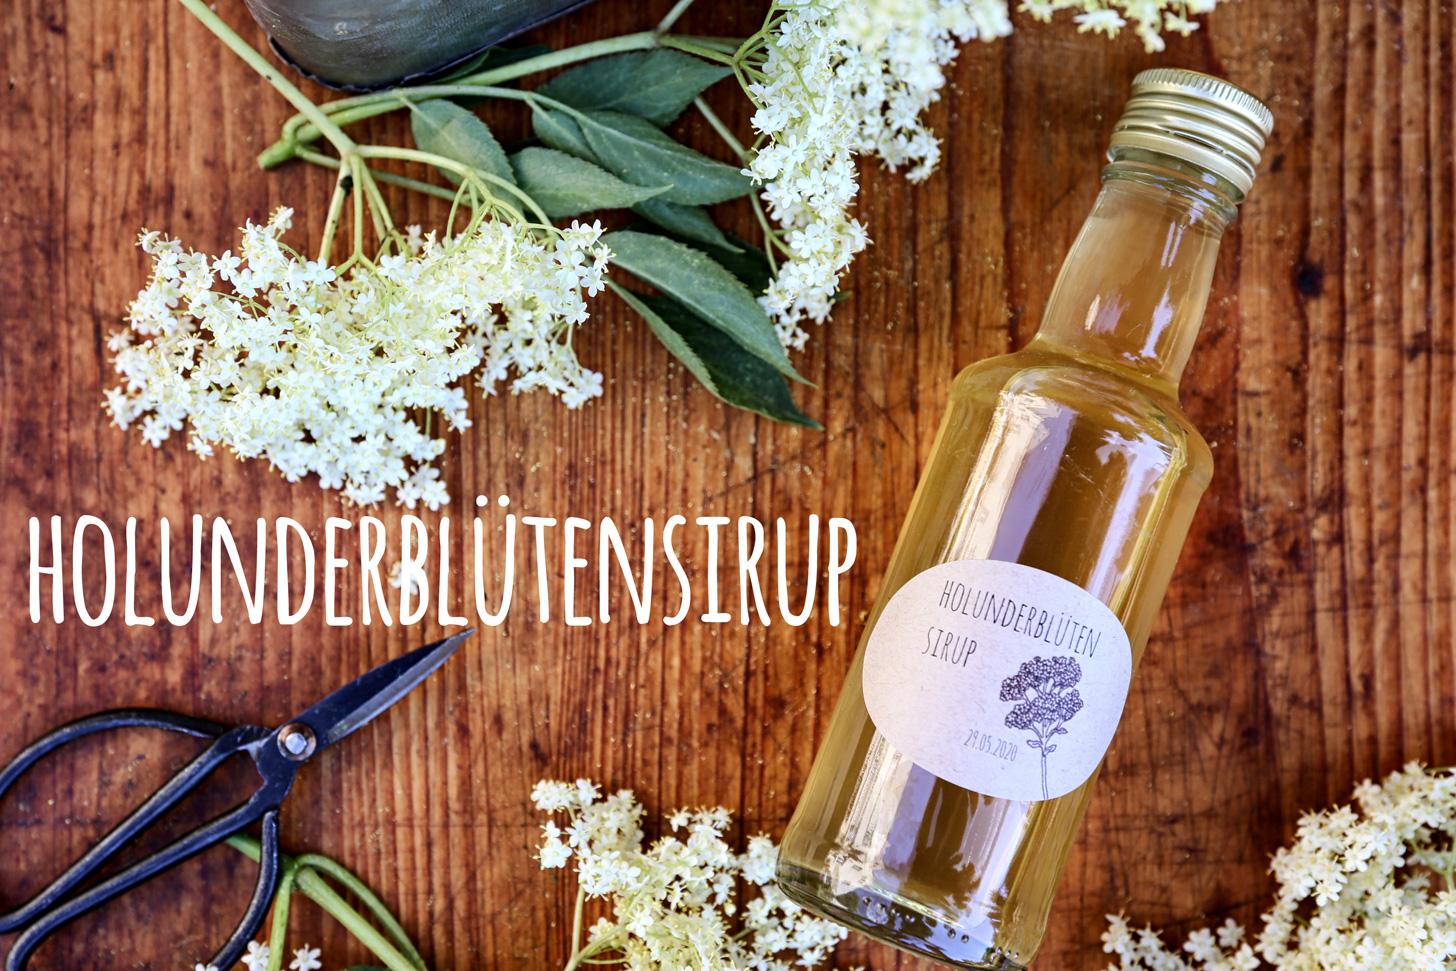 Holunderblütensirup mit Zitrone und Limette - Pottgewächs